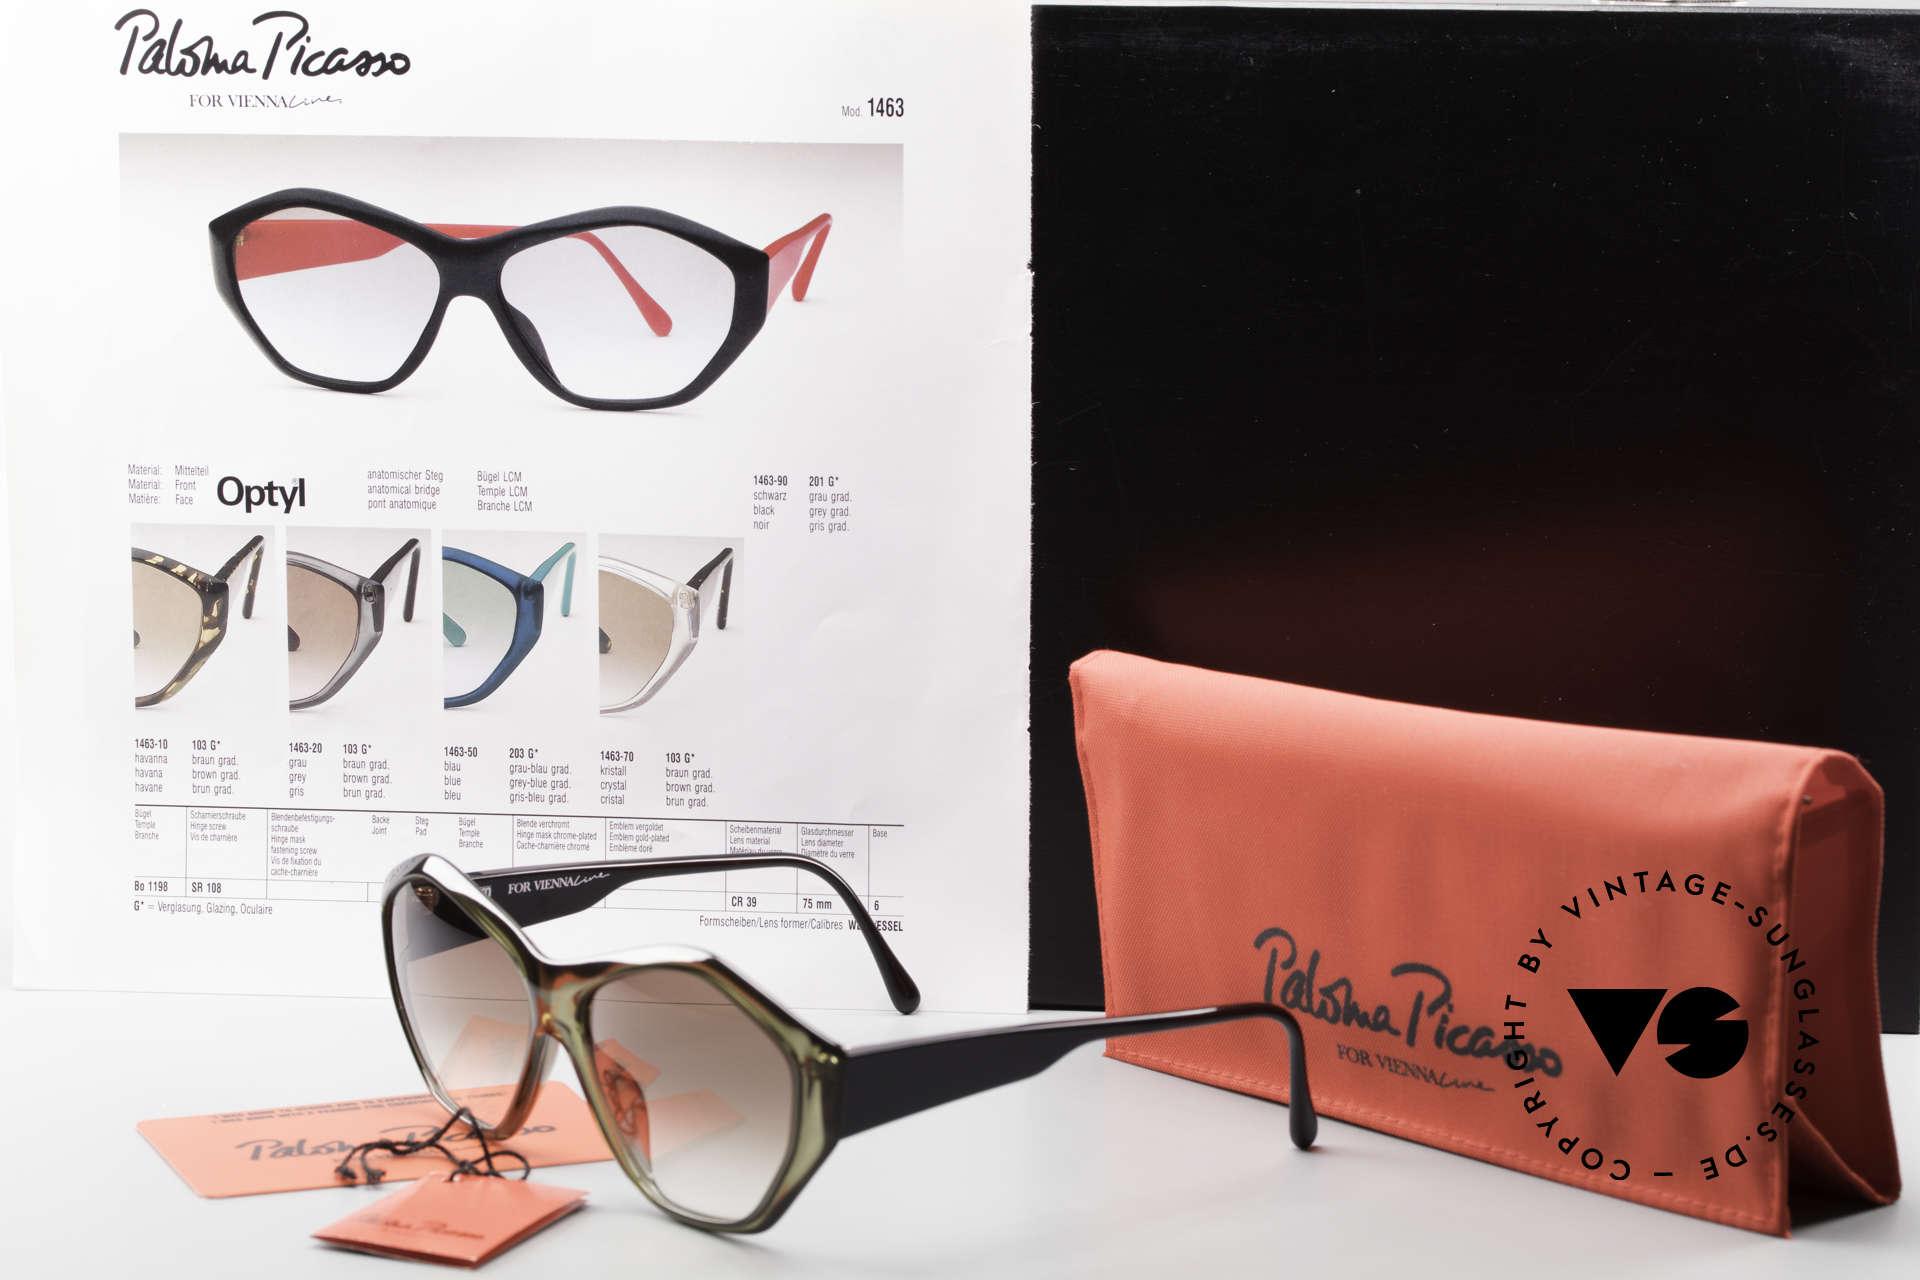 Paloma Picasso 1463 90er Optyl Damen Sonnenbrille, Größe: medium, Passend für Damen